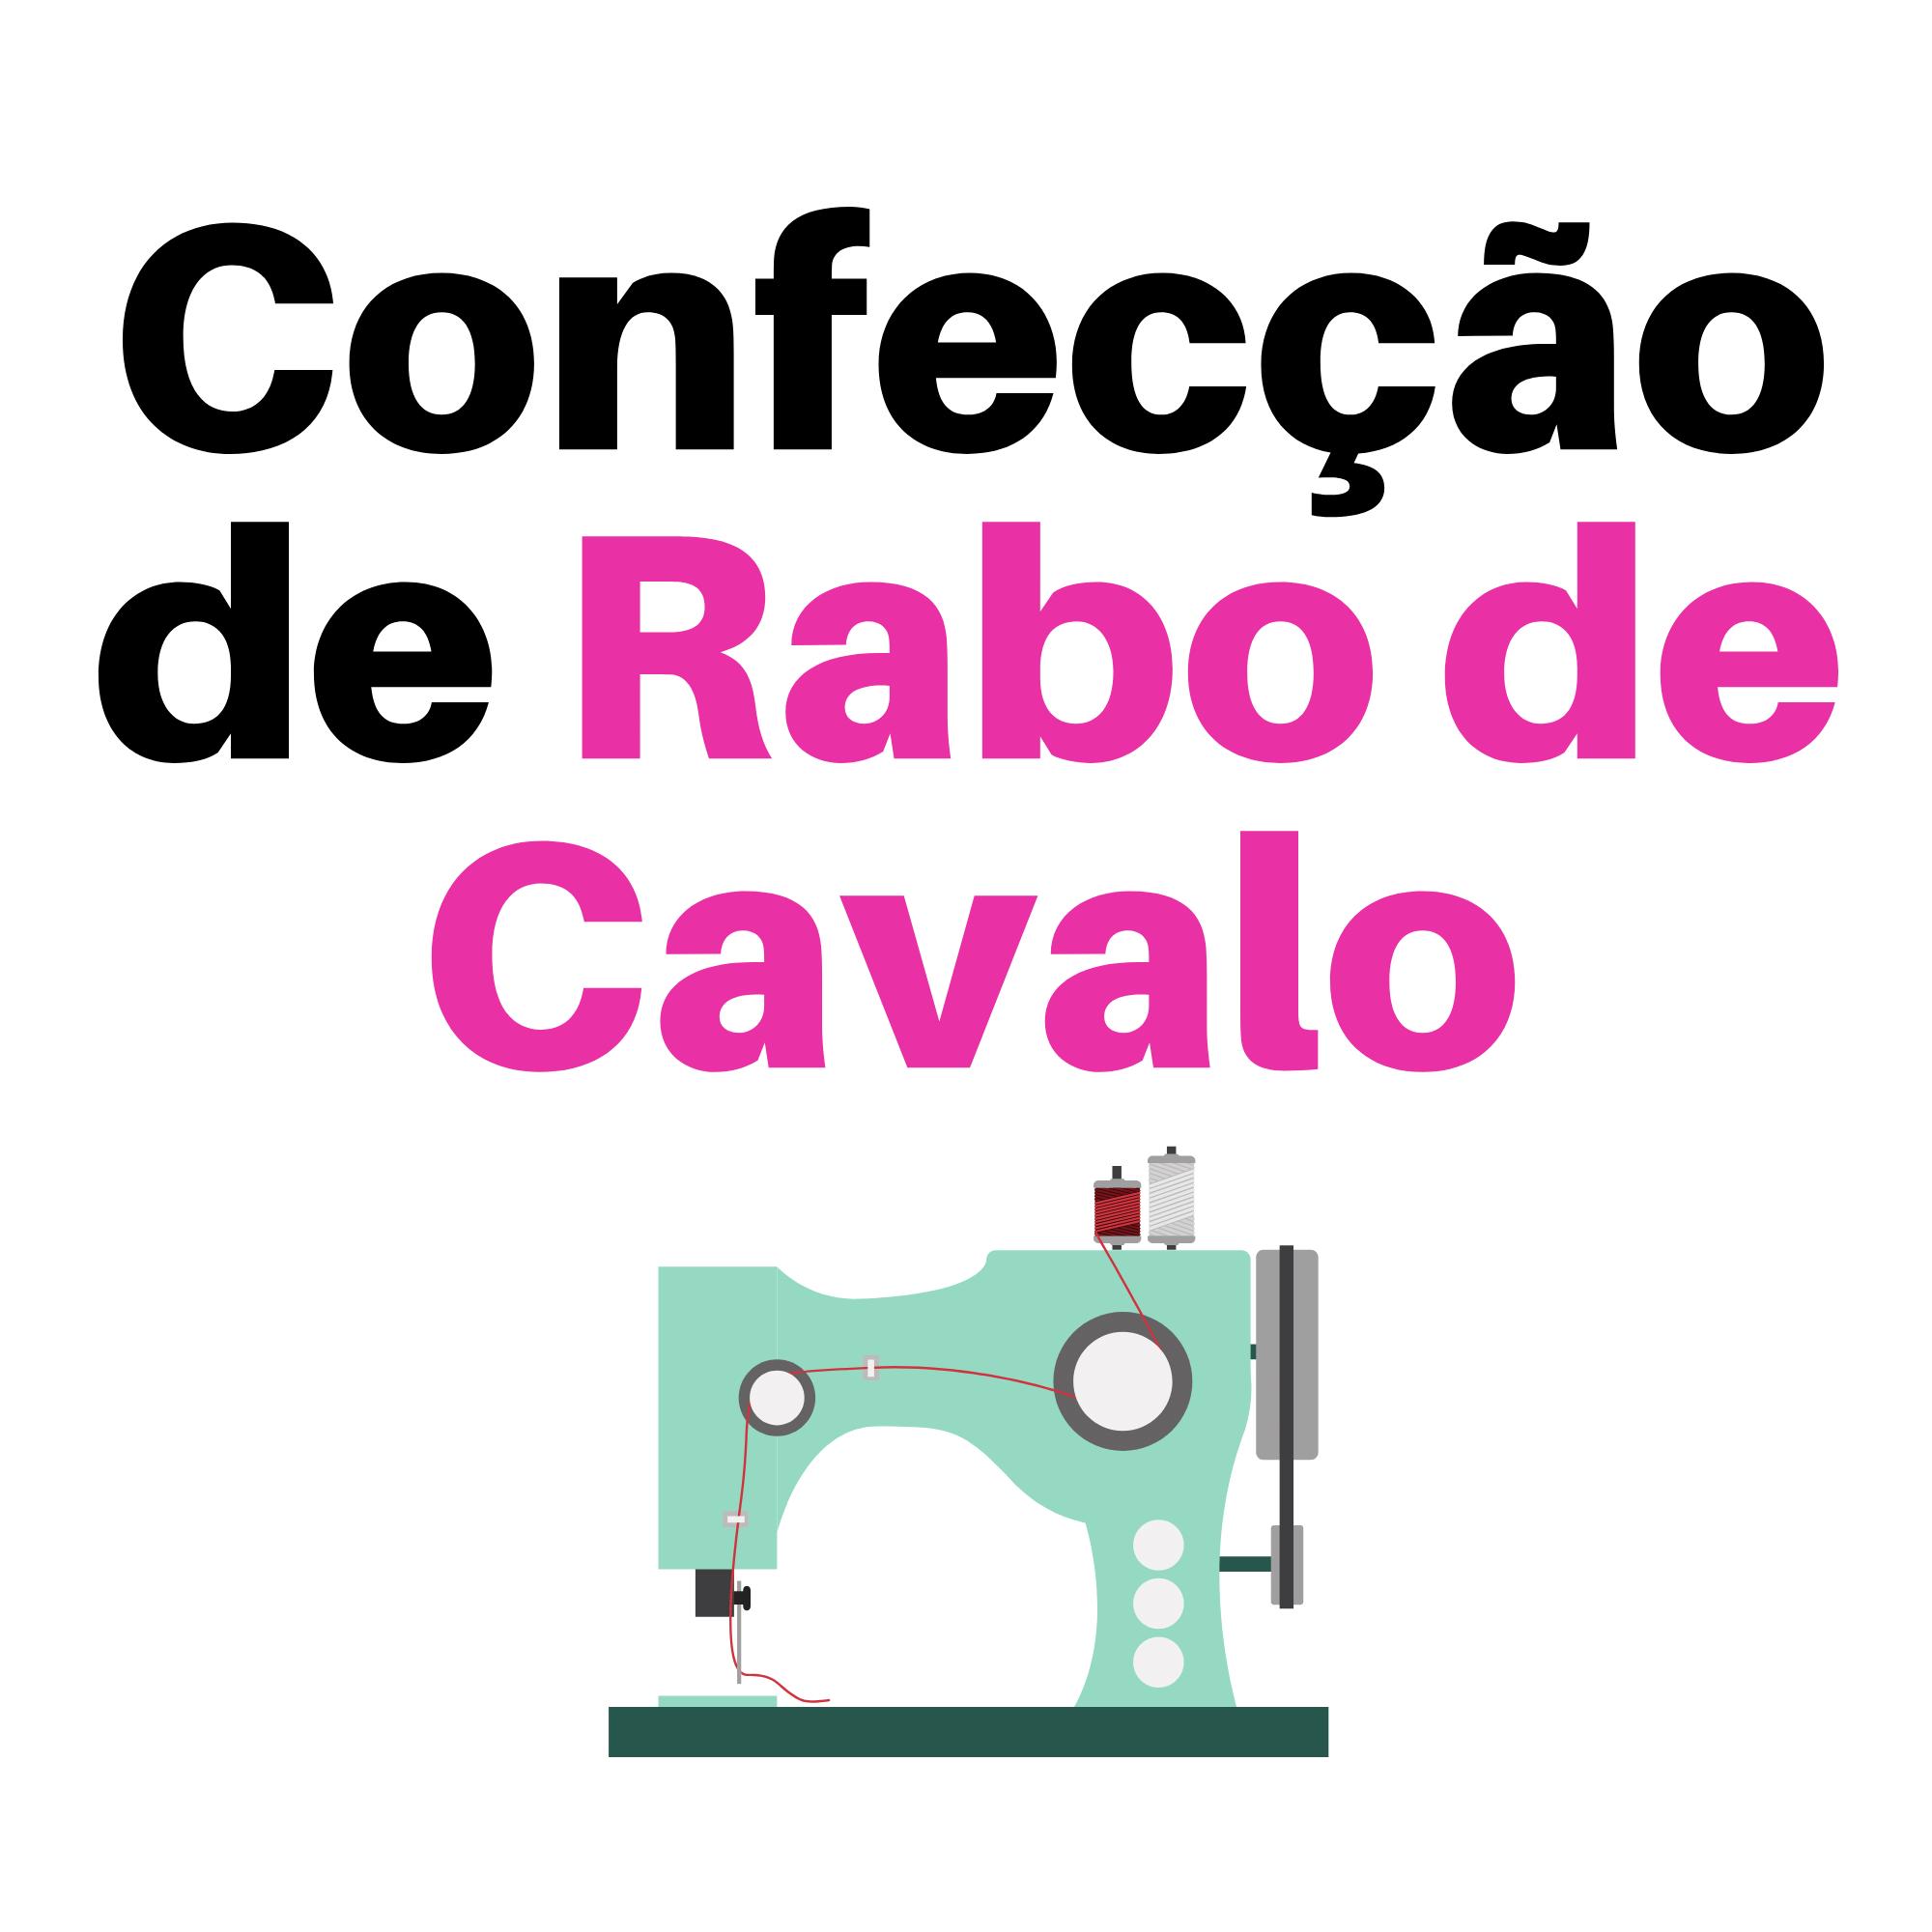 Confecção Rabo de Cavalo/Coque